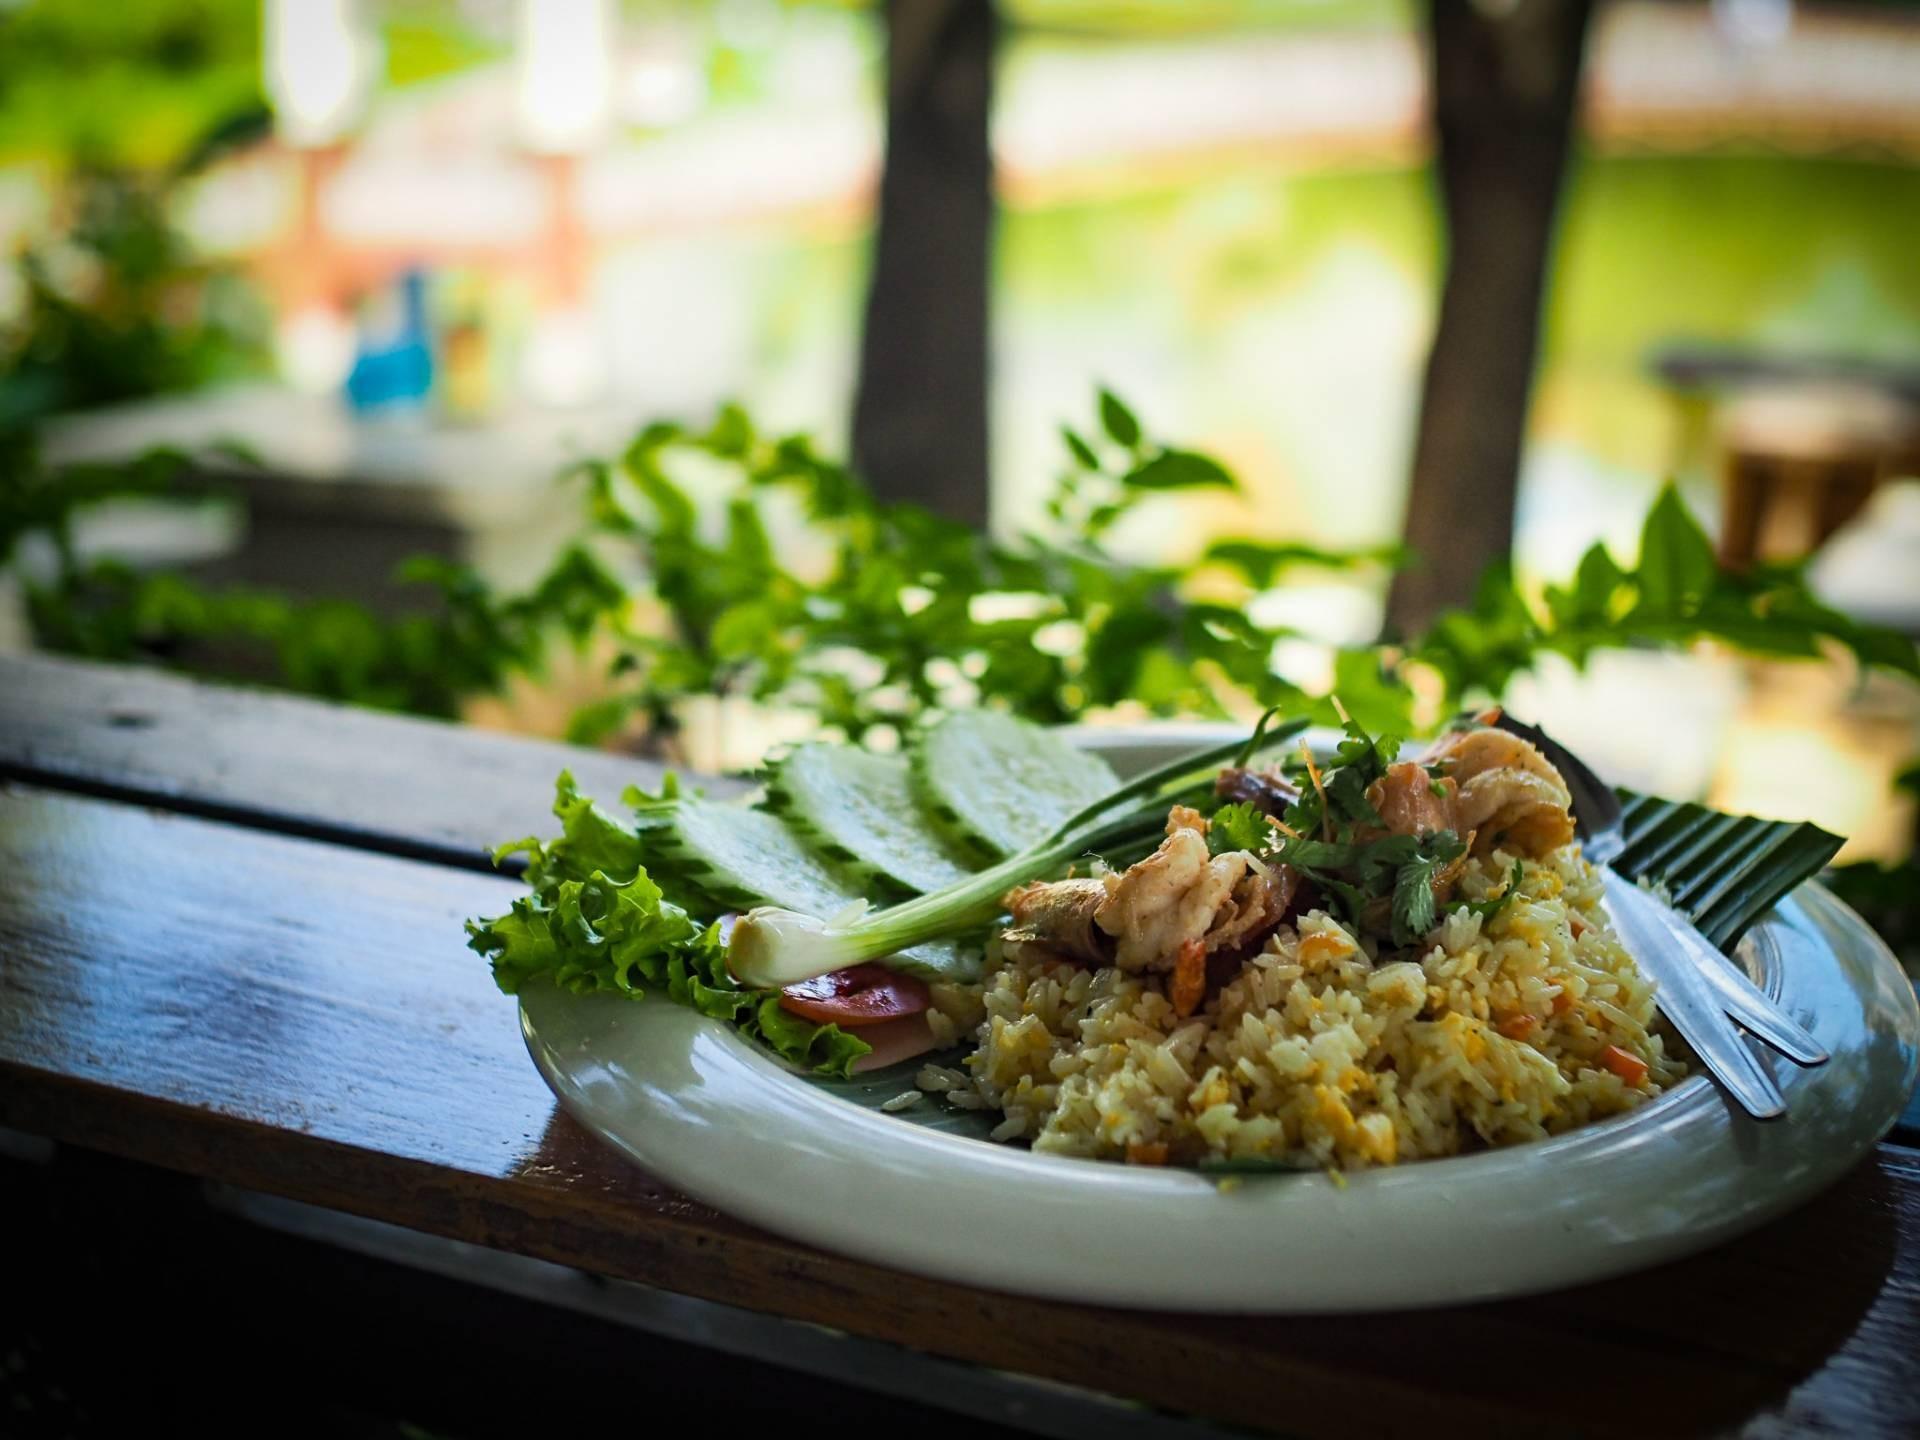 ค้นหาร้านอาหาร โรงแรม ที่พัก สถานที่ท่องเที่ยว ร้านเสริมสวยและสปา ใน ราชบุรี